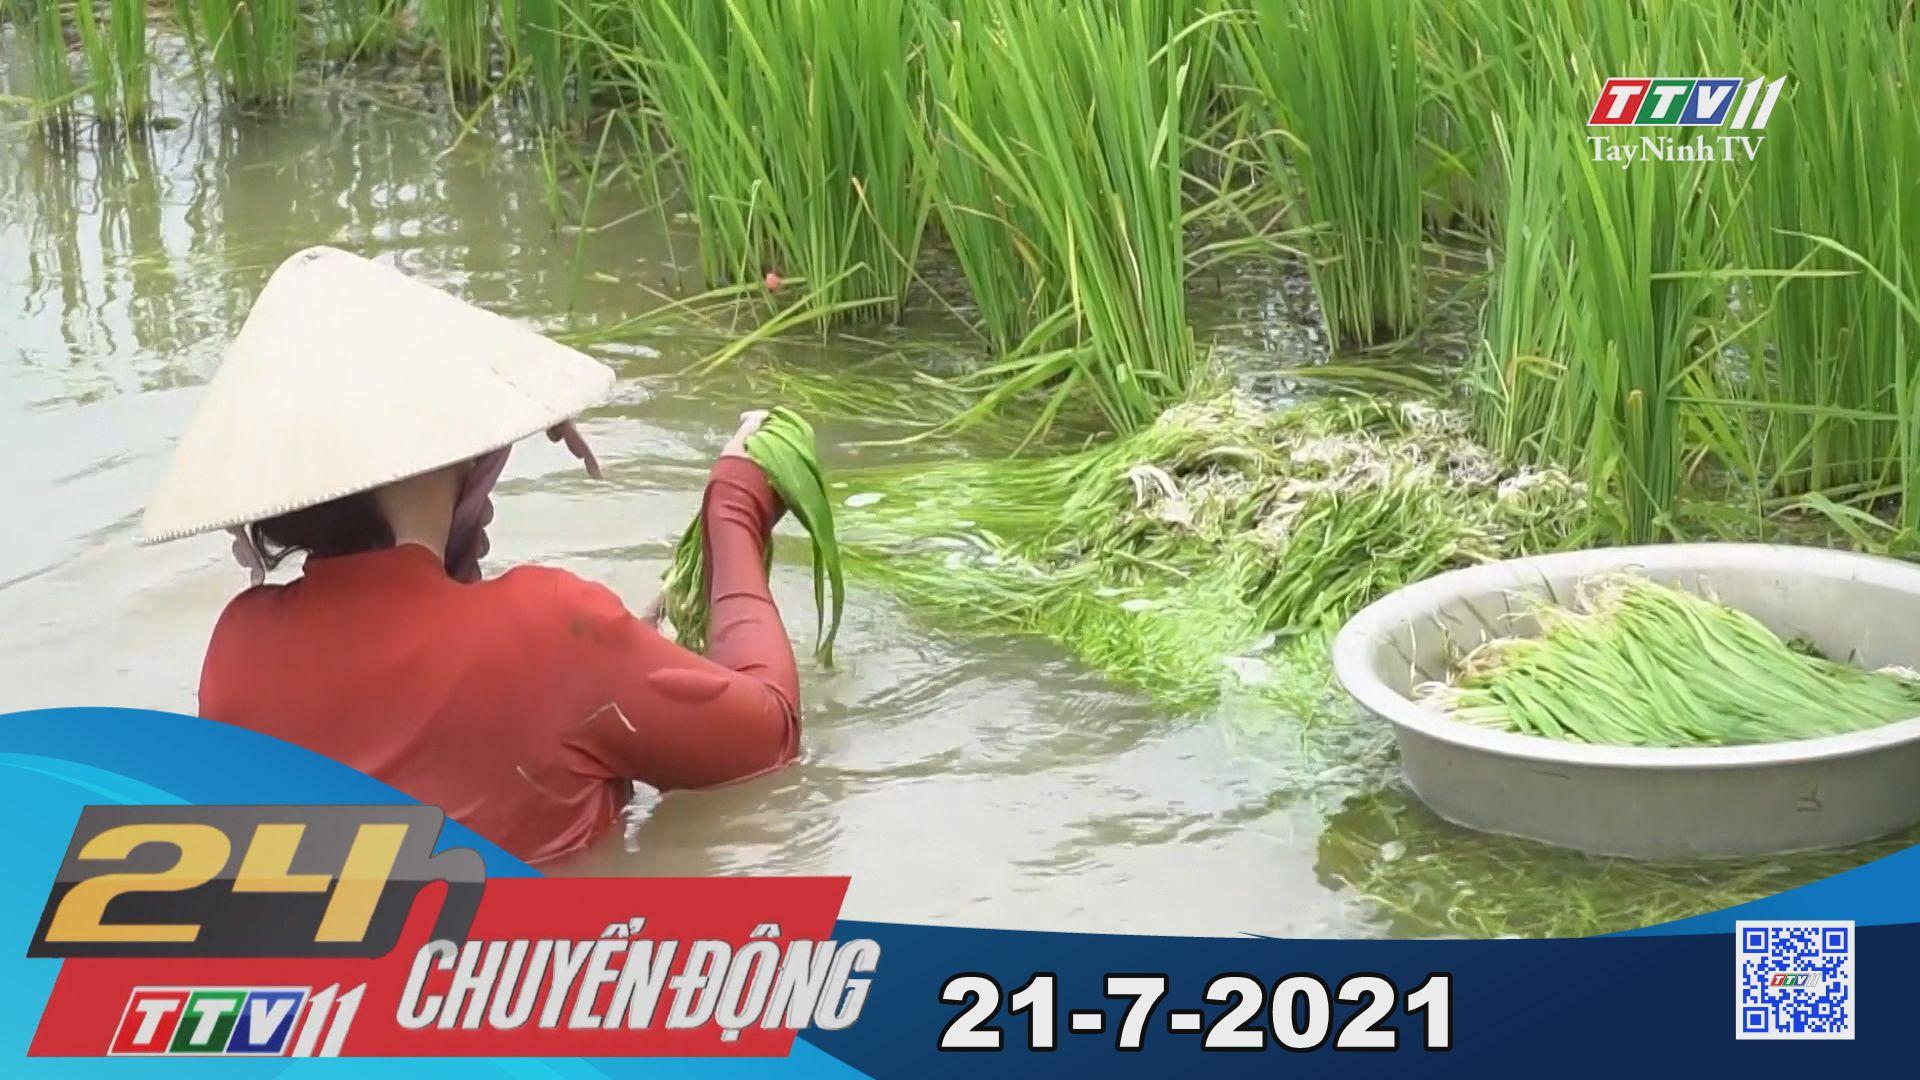 24h Chuyển động 21-7-2021 | Tin tức hôm nay | TayNinhTV